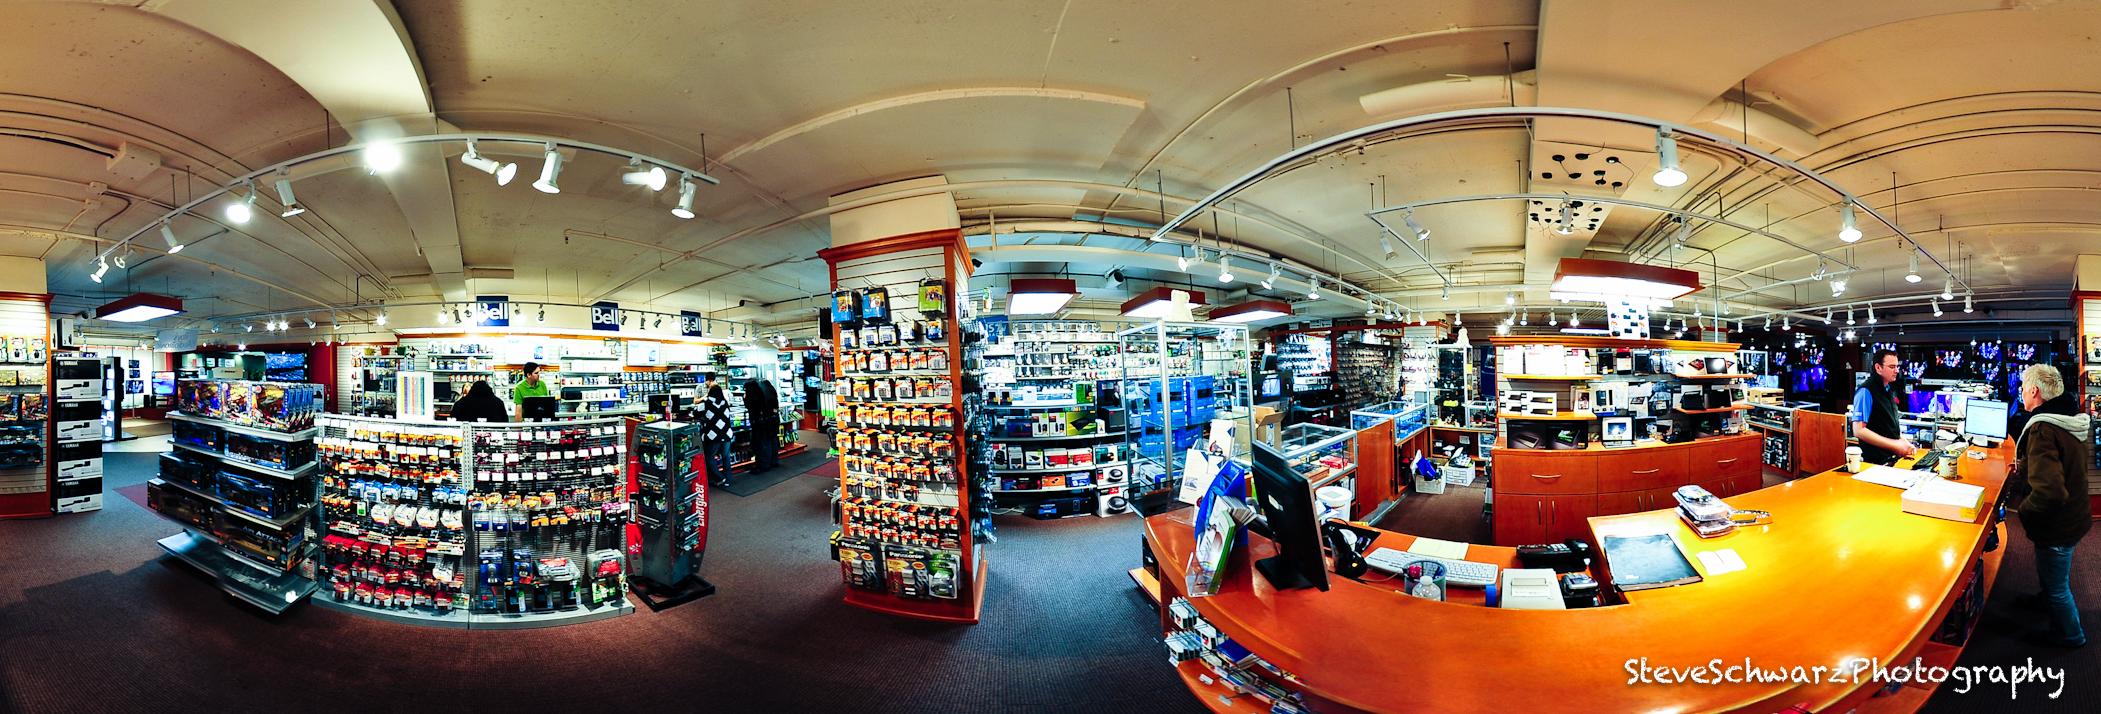 SHS_0933 Panorama